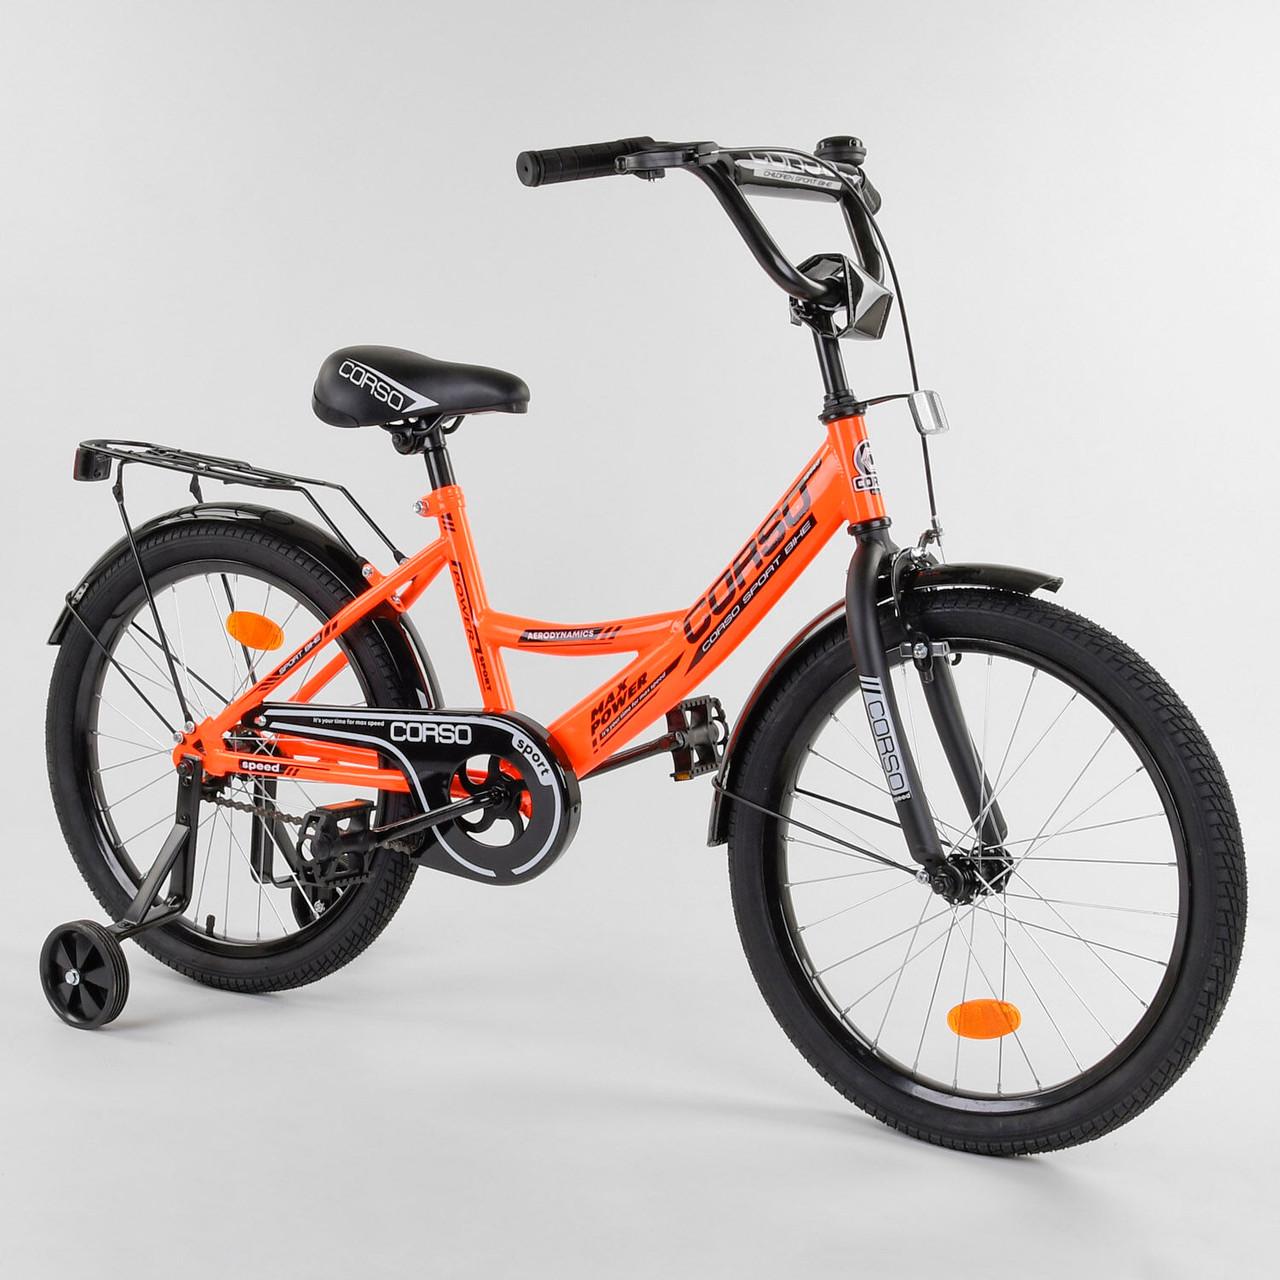 Велосипед детский для мальчика девочки 5 6 7 лет колеса 18 дюймов Corso CL-18412